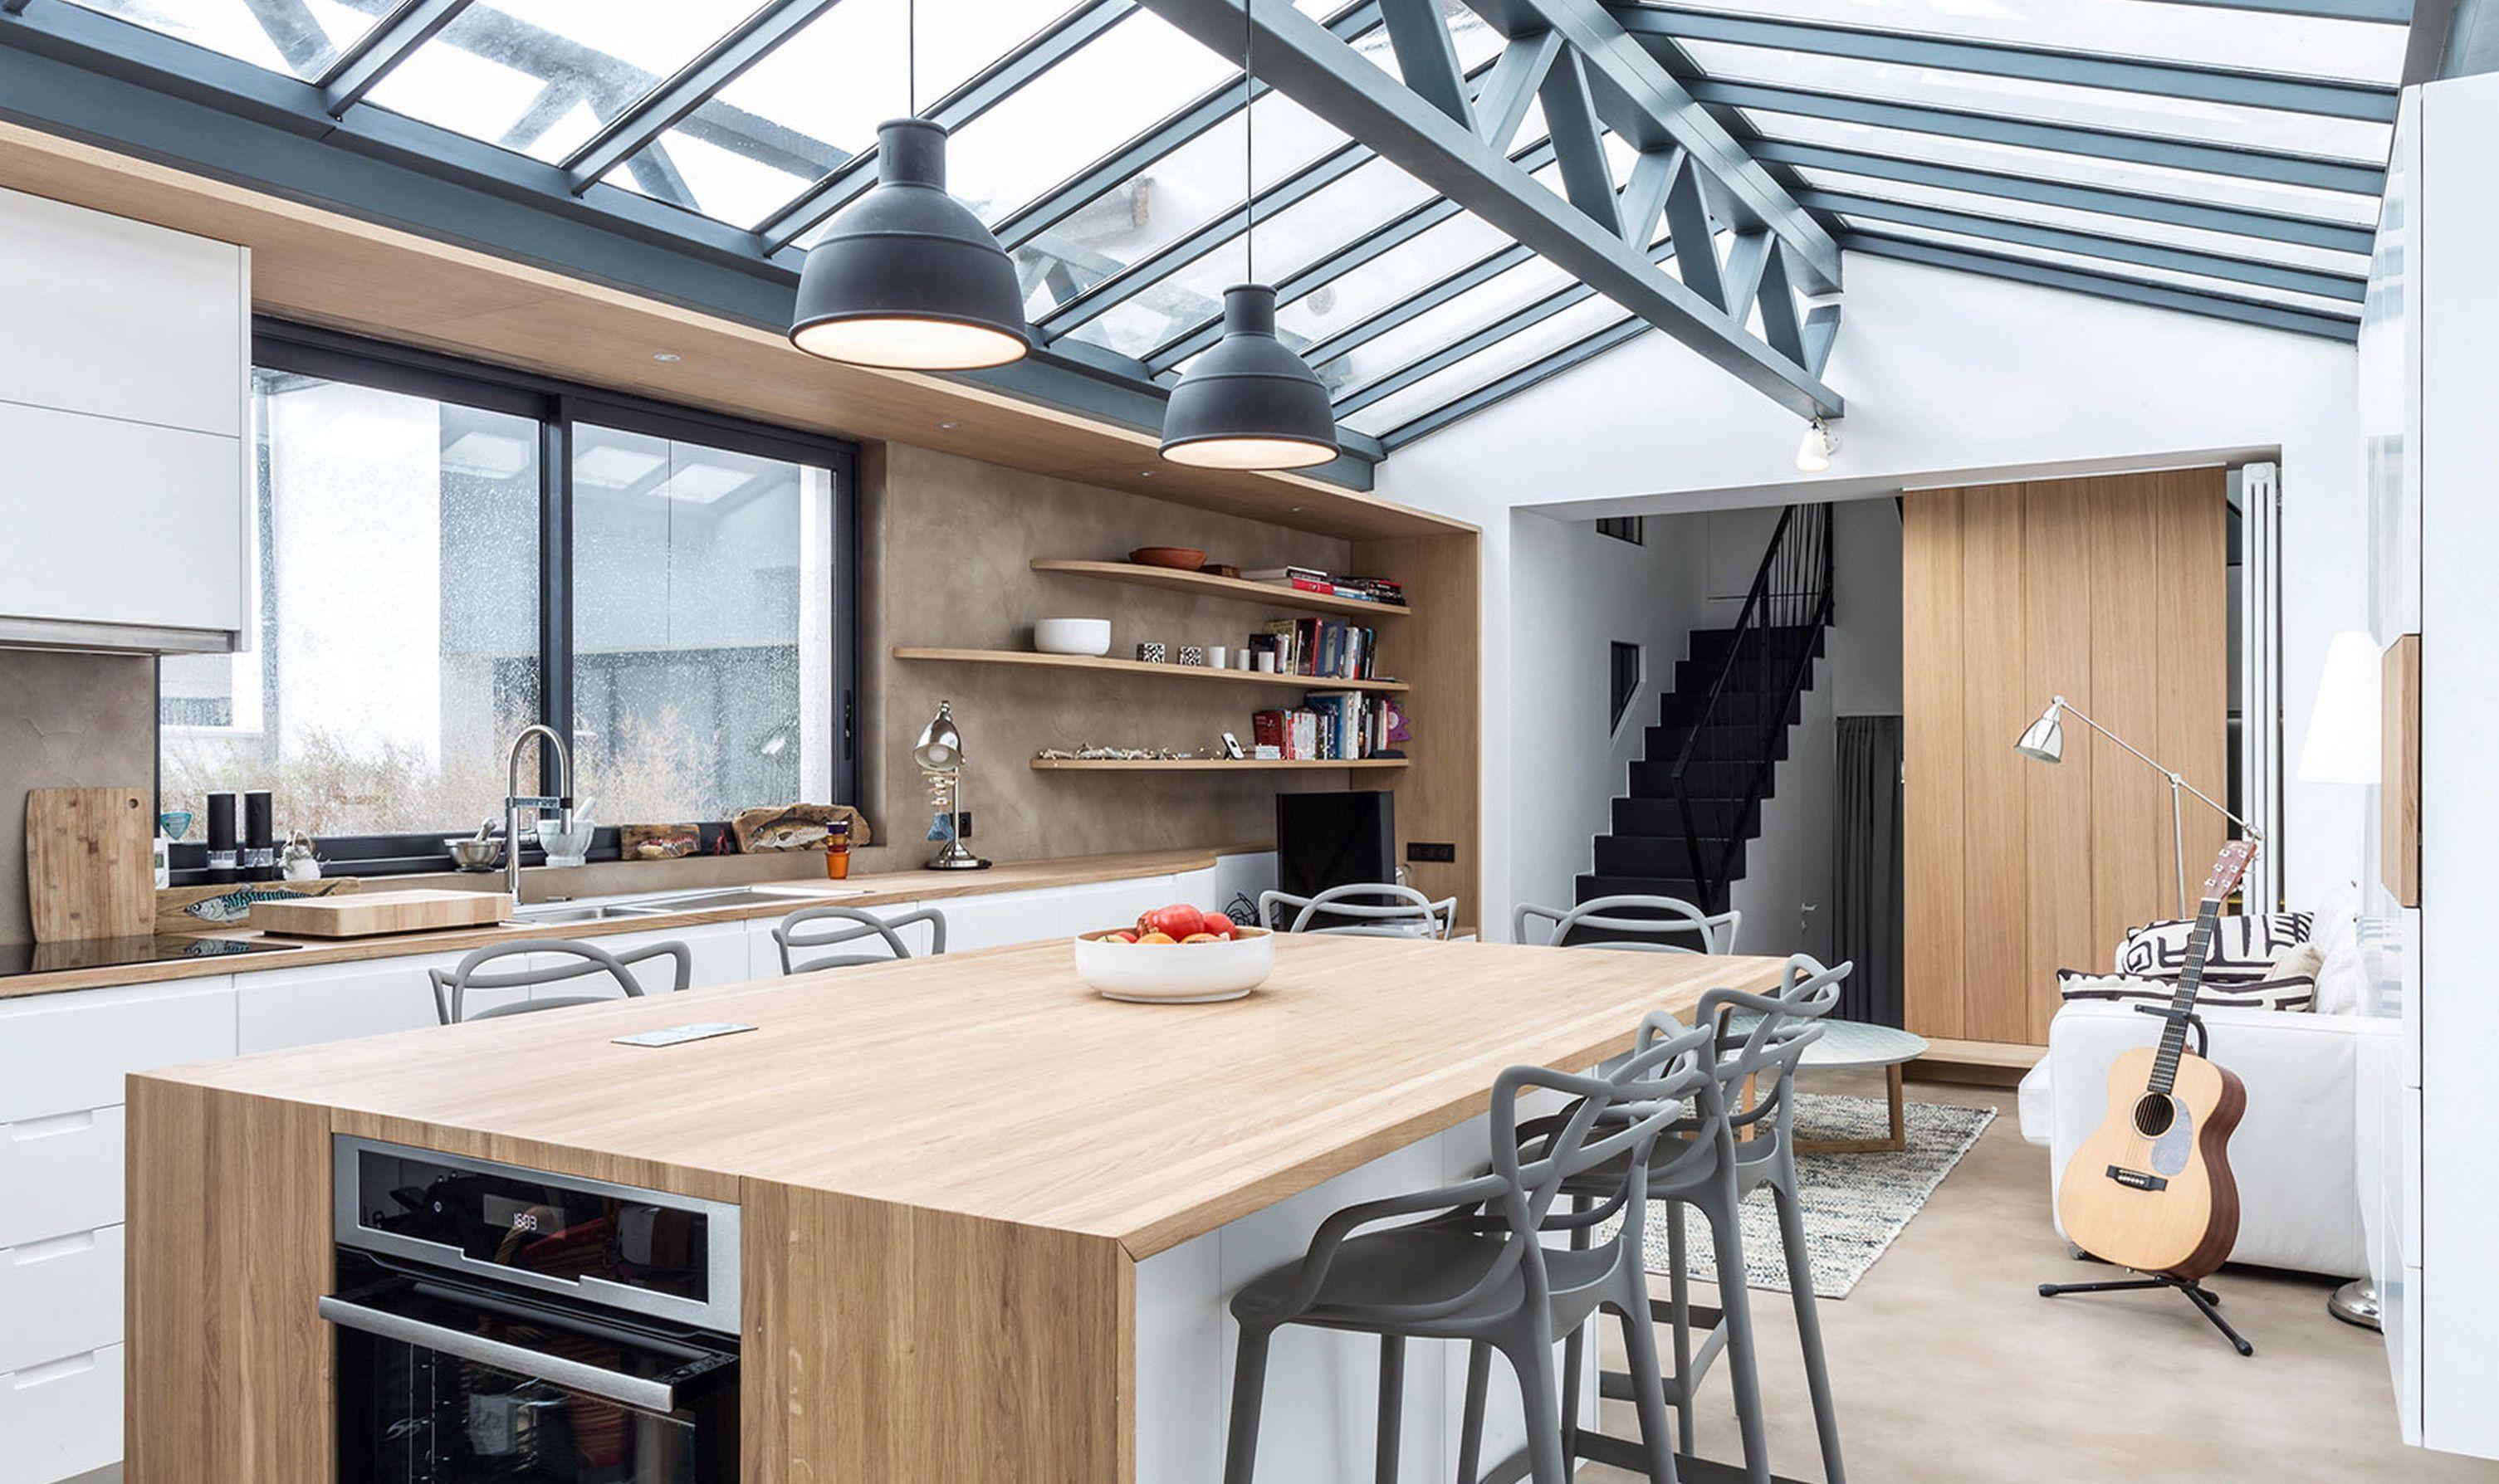 Un Loft Restructure A Paris Dans Une Ancienne Imprimerie Cuisines Design Coin Repas Et Salle A Manger Classique